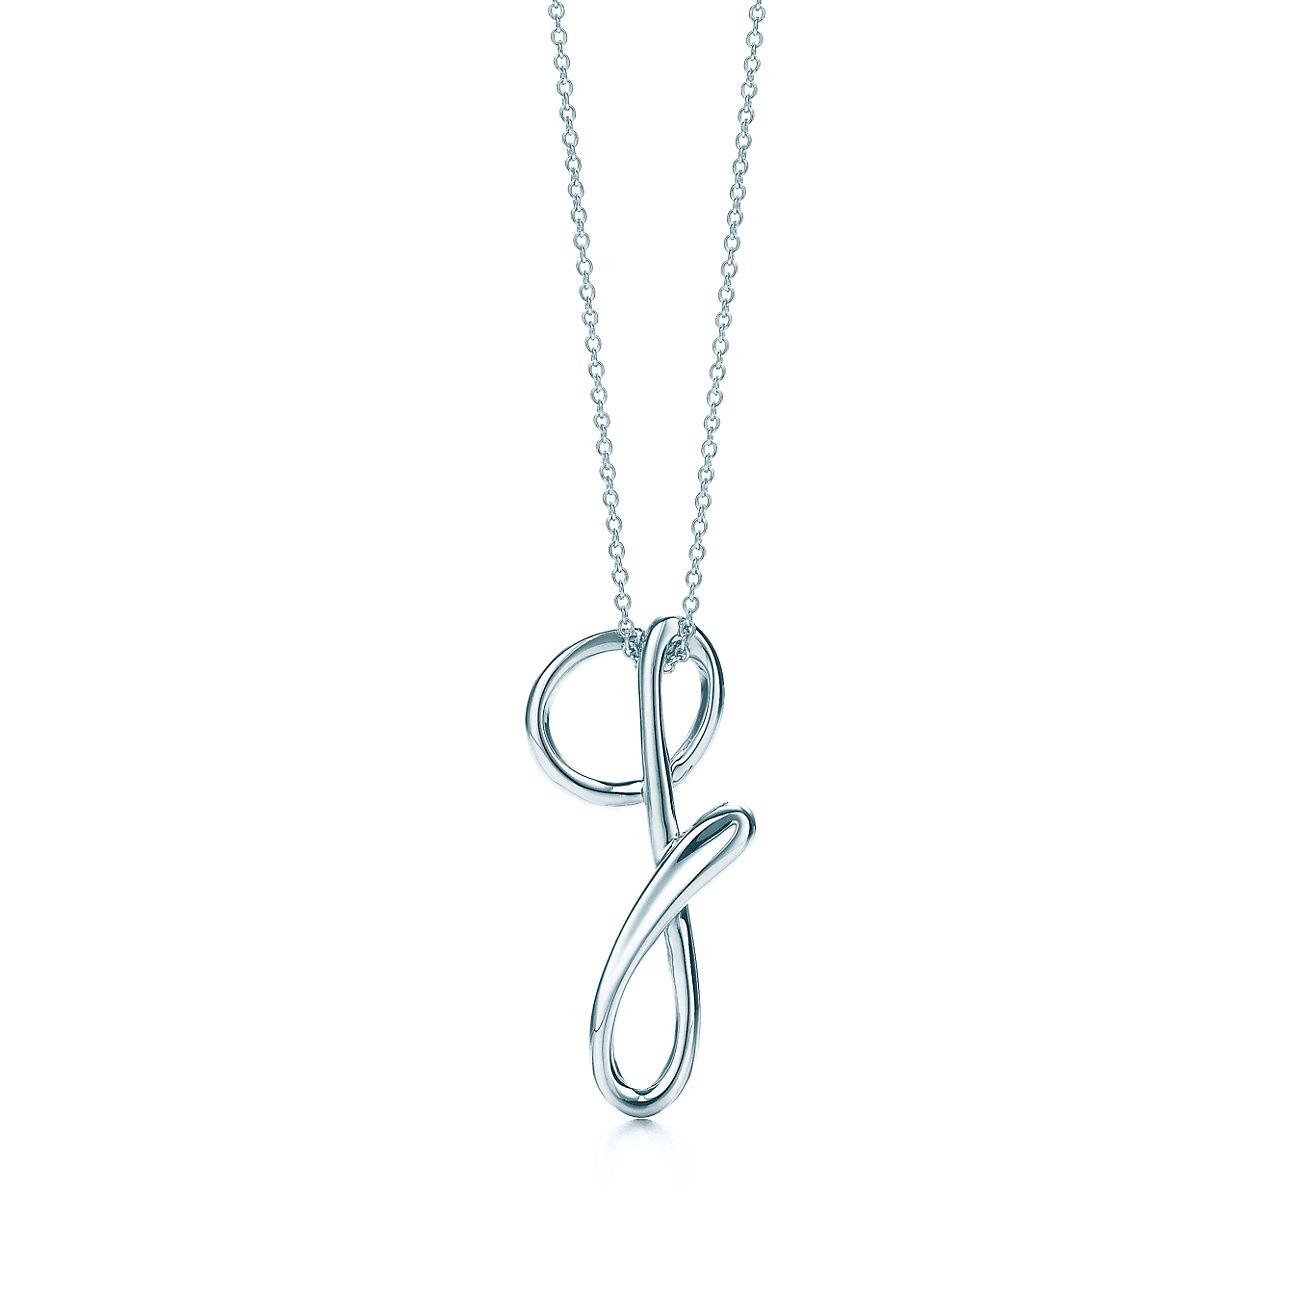 Elsa Peretti letter A pendant in sterling silver, small - Size A Tiffany & Co.